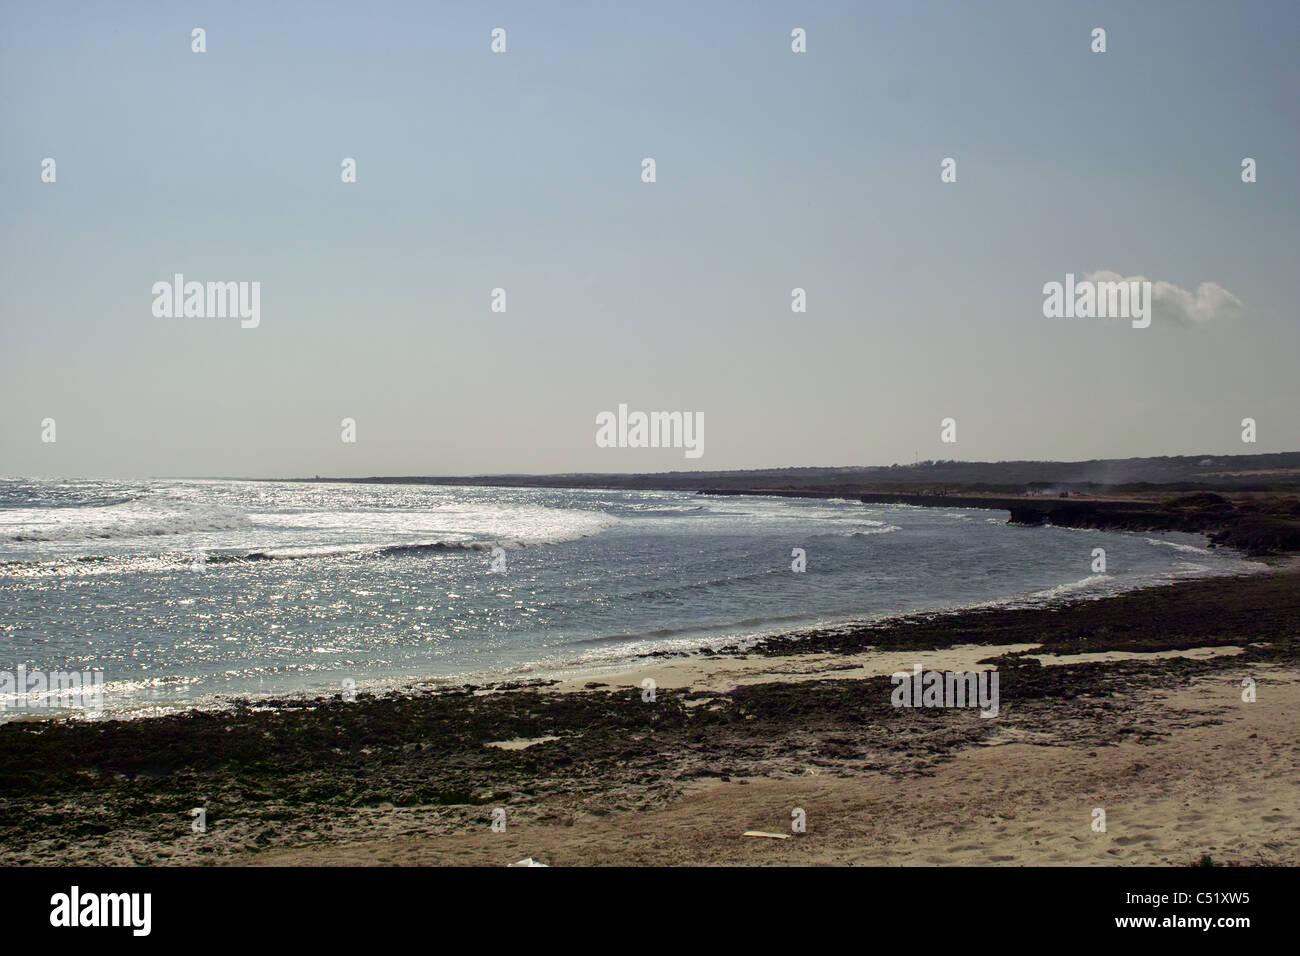 Bay at AMISOM base camp, Mogadishu Somalia - Stock Image